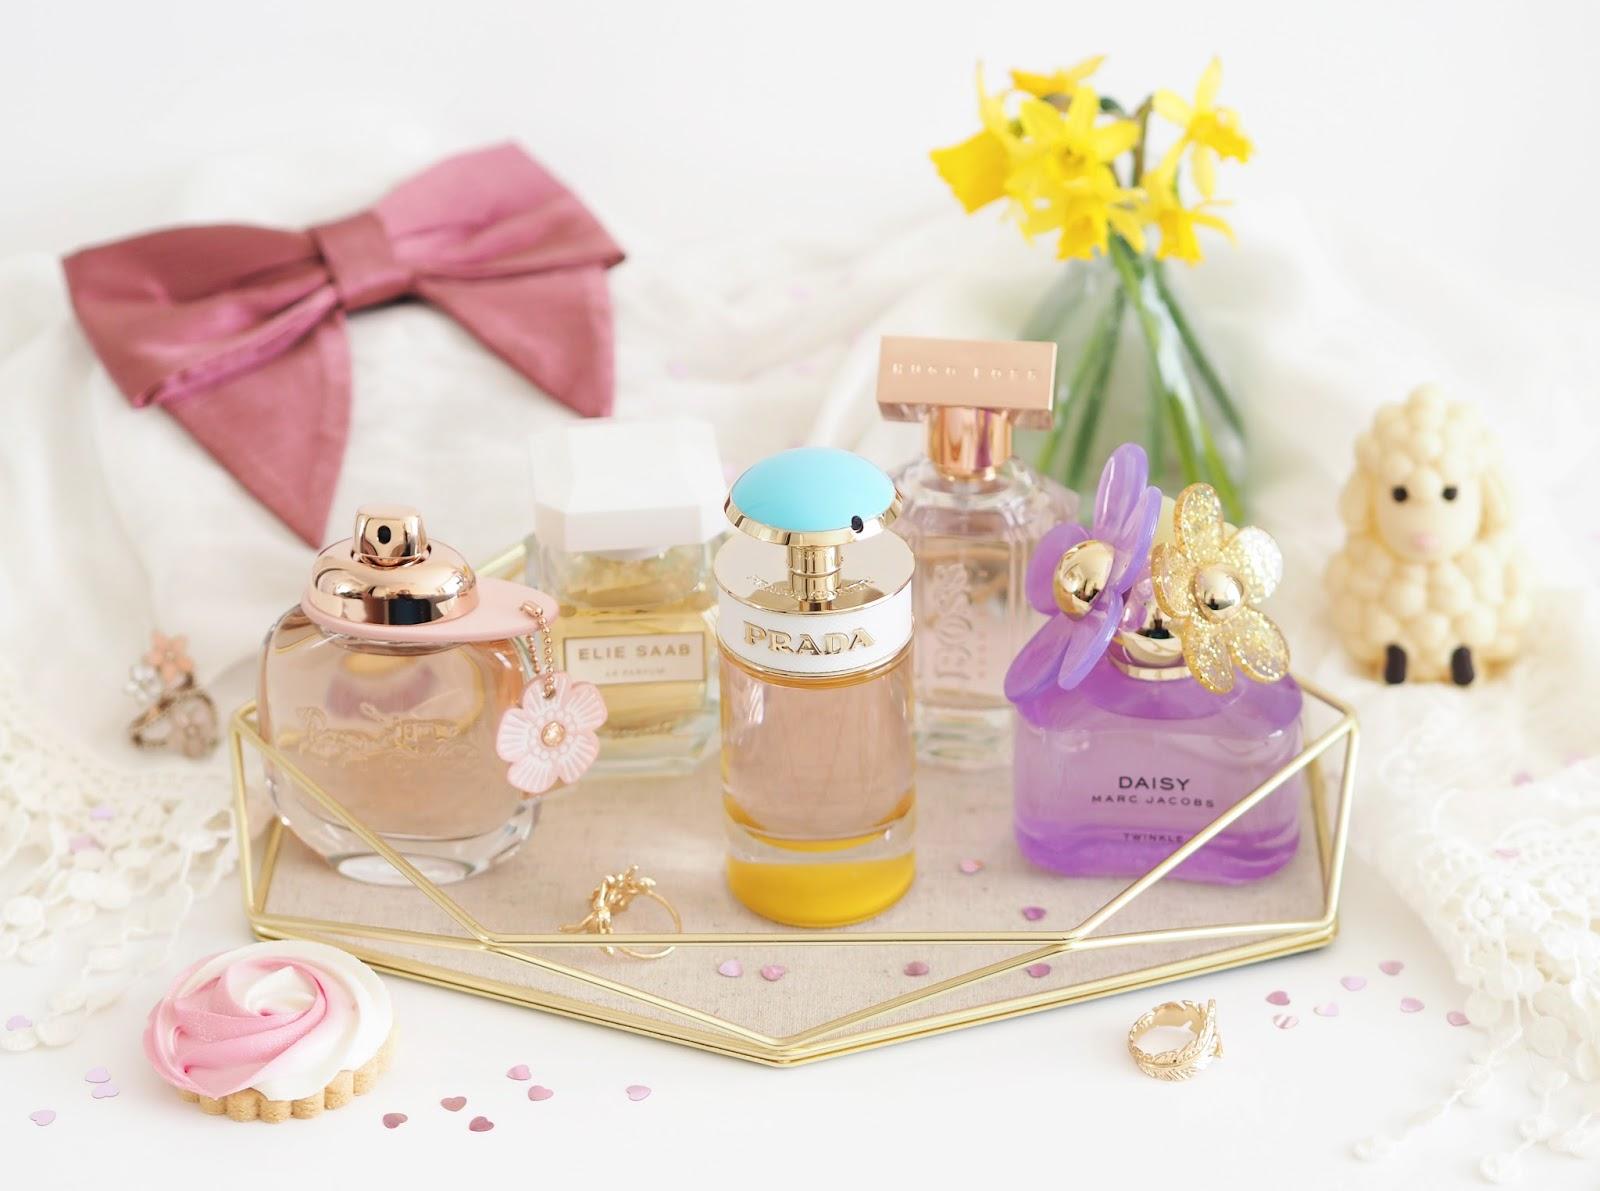 Spring Fragrance Edit, Katie Kirk Loves, UK Blogger, Beauty Blogger, Fragrance Blogger, Spring Scents, Spring Perfume, Fragrance Direct, Spring Ready, 5 Scents For Spring, Floral Fragrances